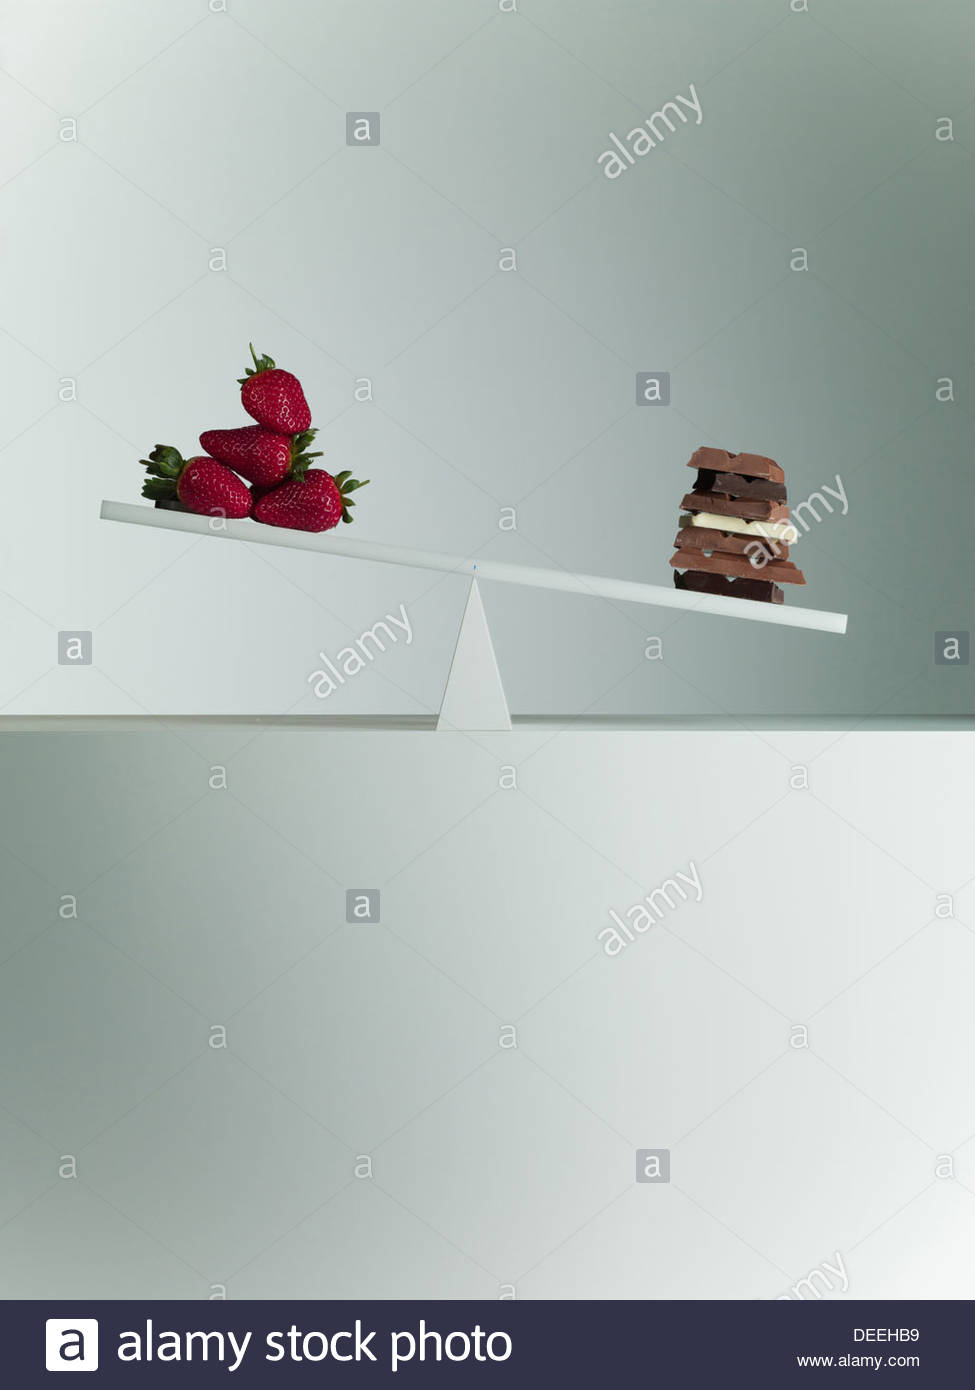 Barre di cioccolato il ribaltamento di altalena con le fragole sulla estremità opposta Immagini Stock